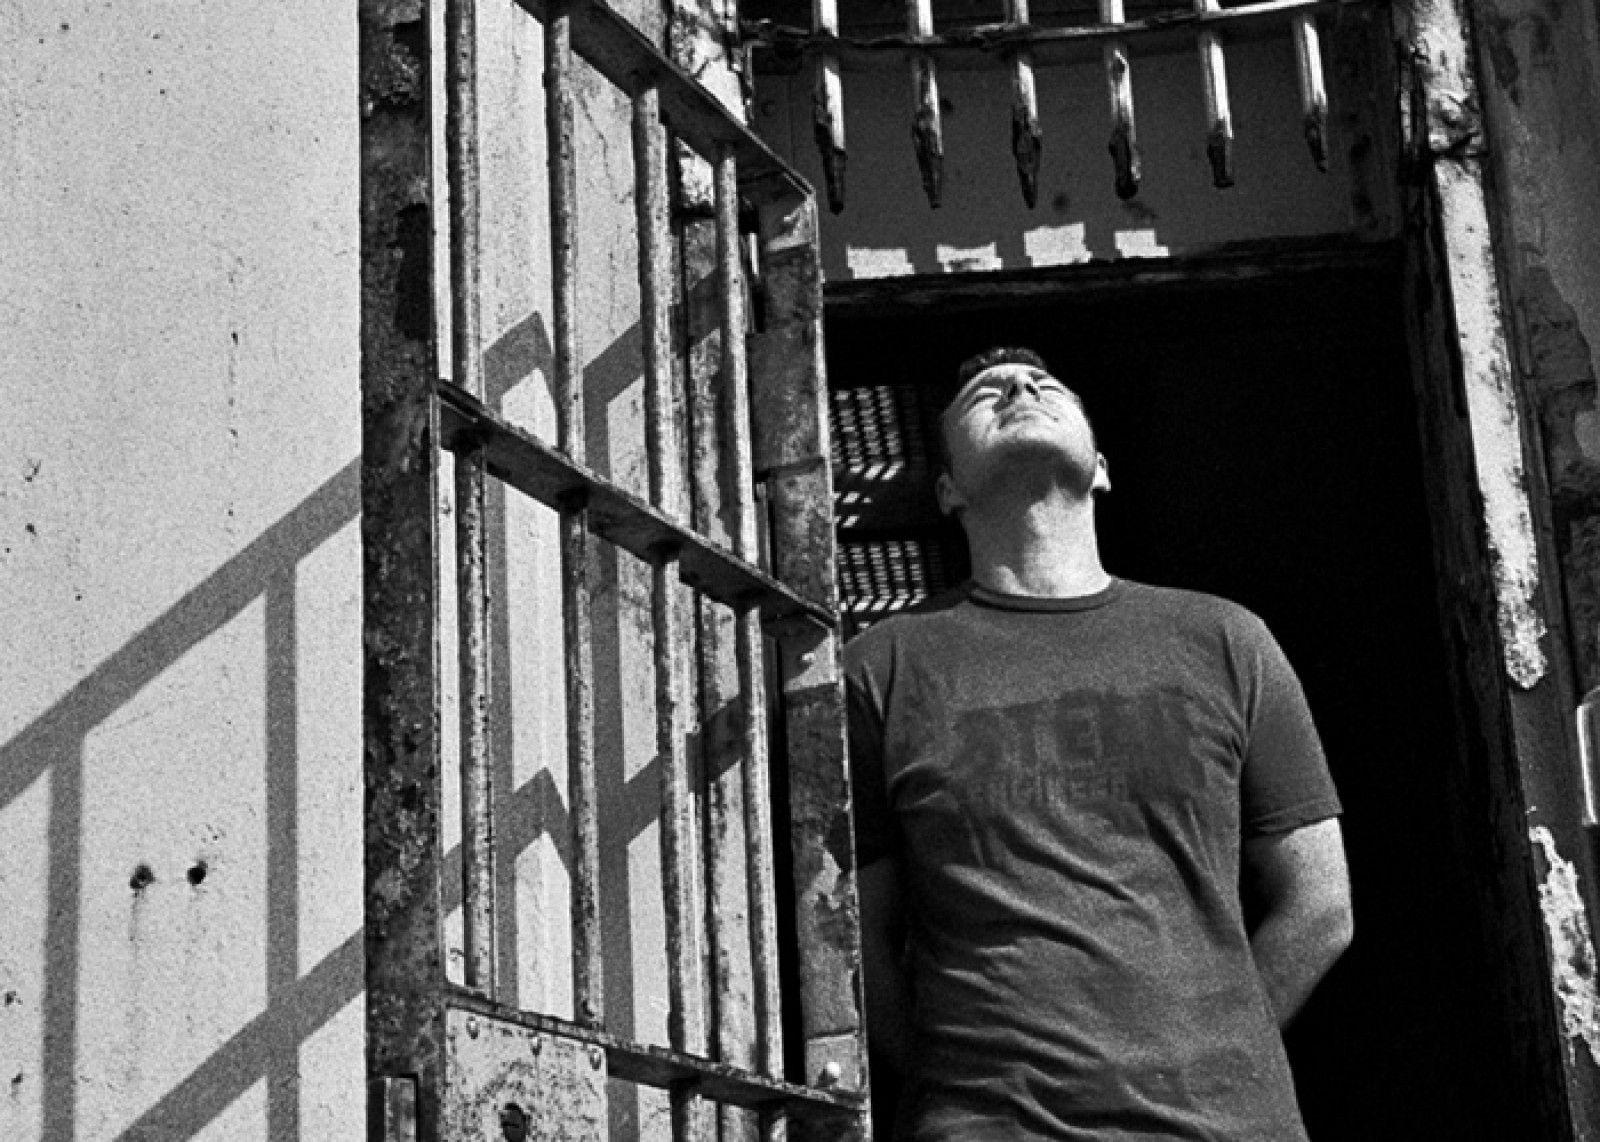 Новосибирец сбежал из мест лишения свободы | ПРОИСШЕСТВИЯ ...